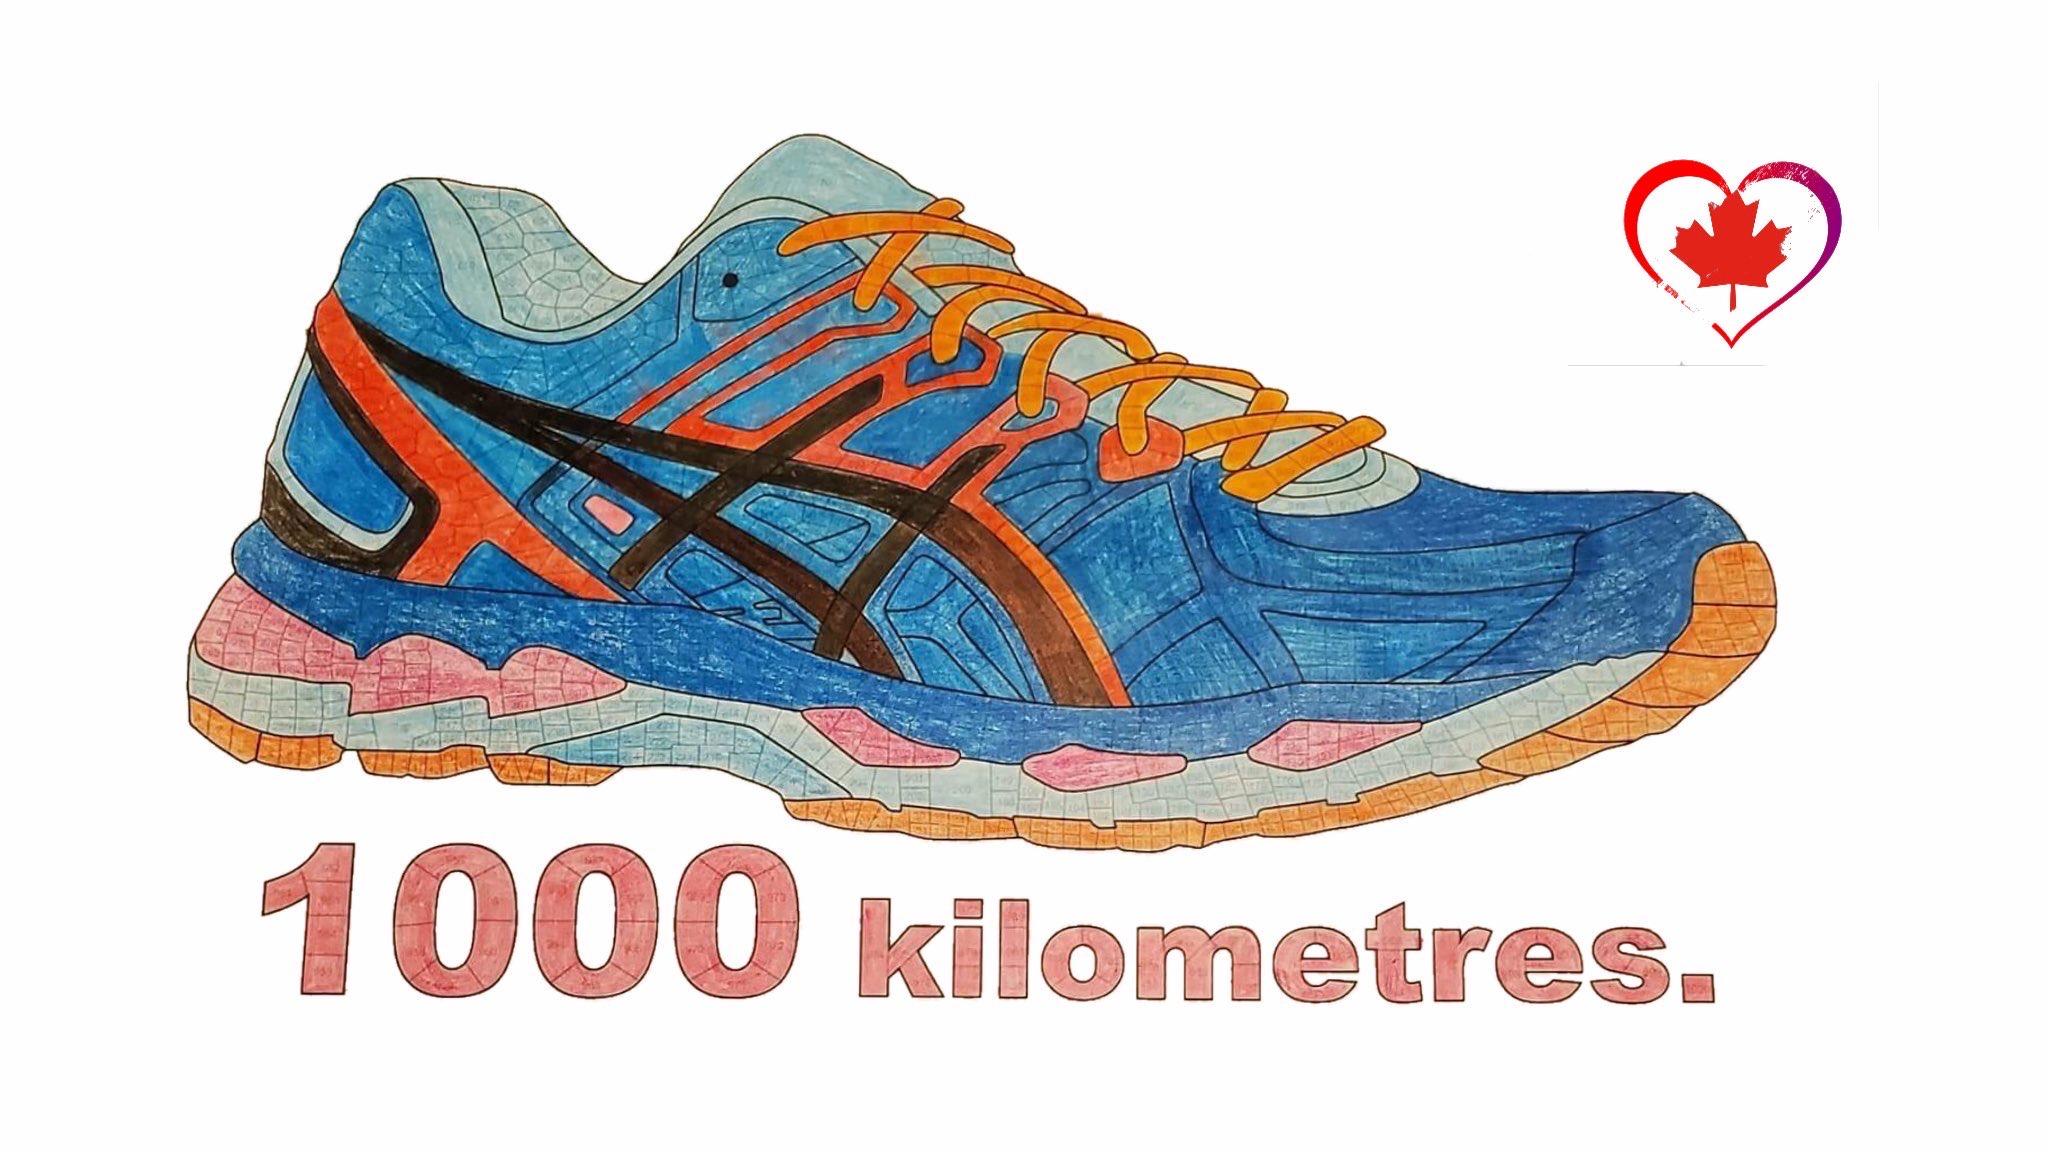 1000KM shoe